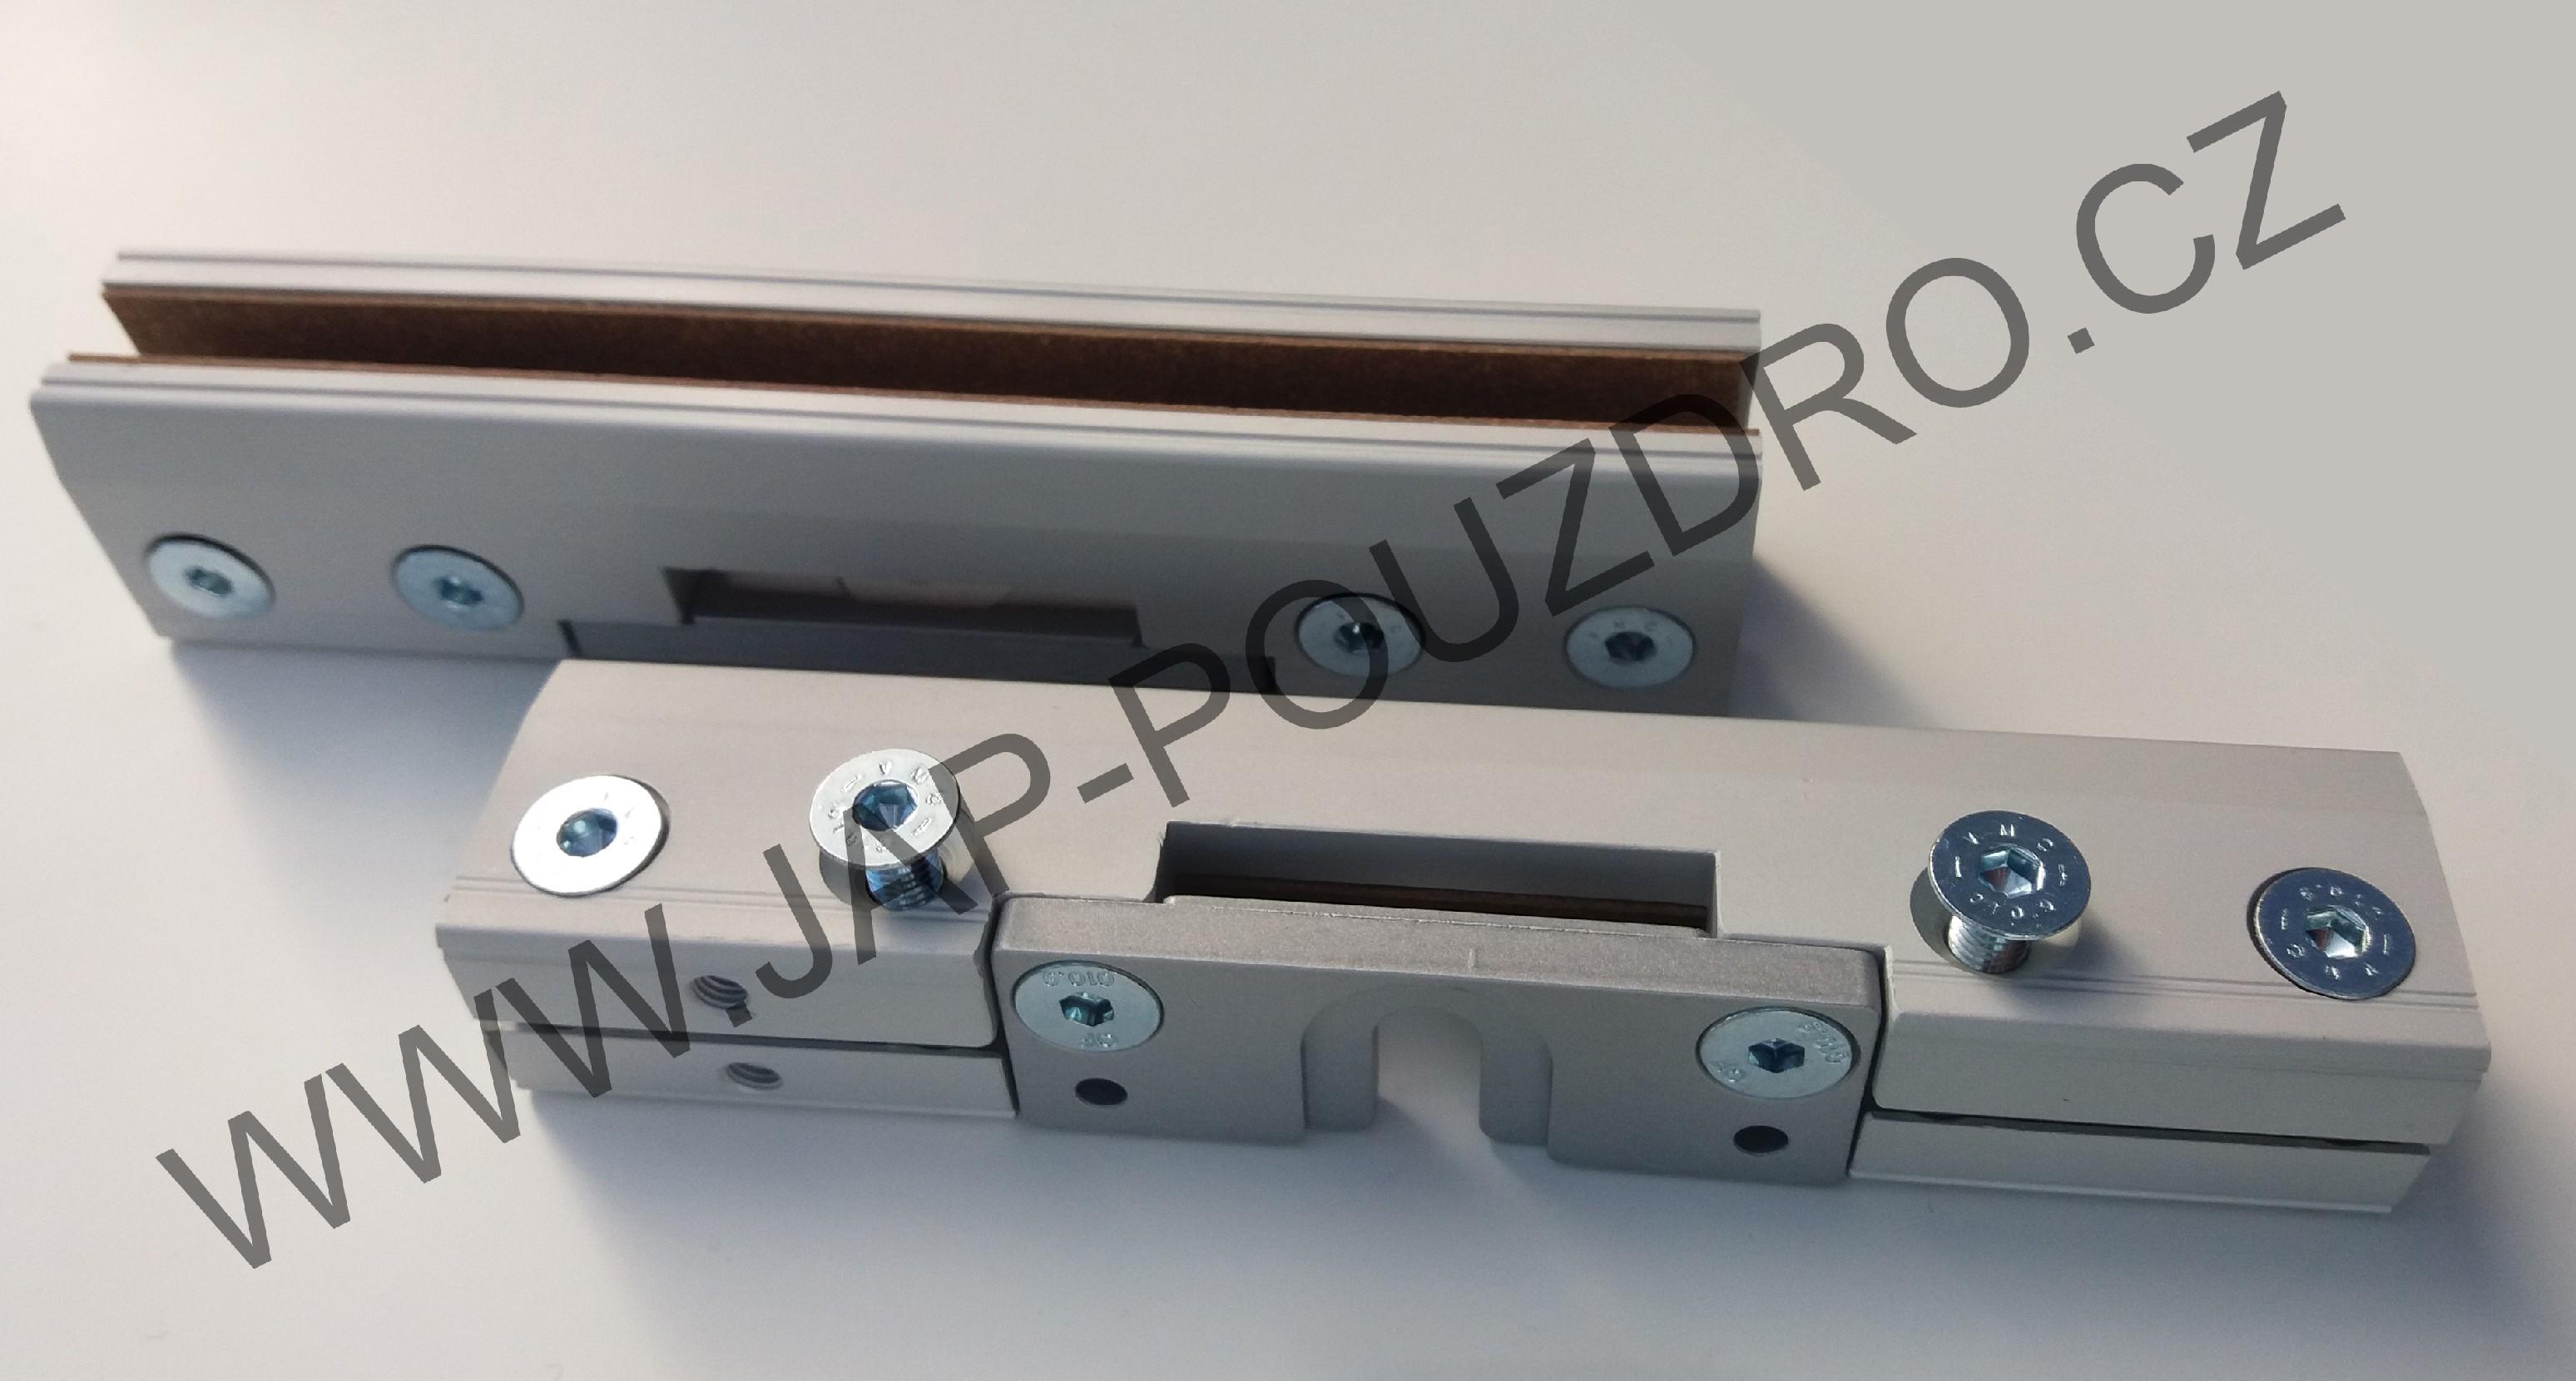 Úchyty VETRO 22 JAP pro sklenené dveře pro pouzdra Norma Tloušťka skla: 8 mm